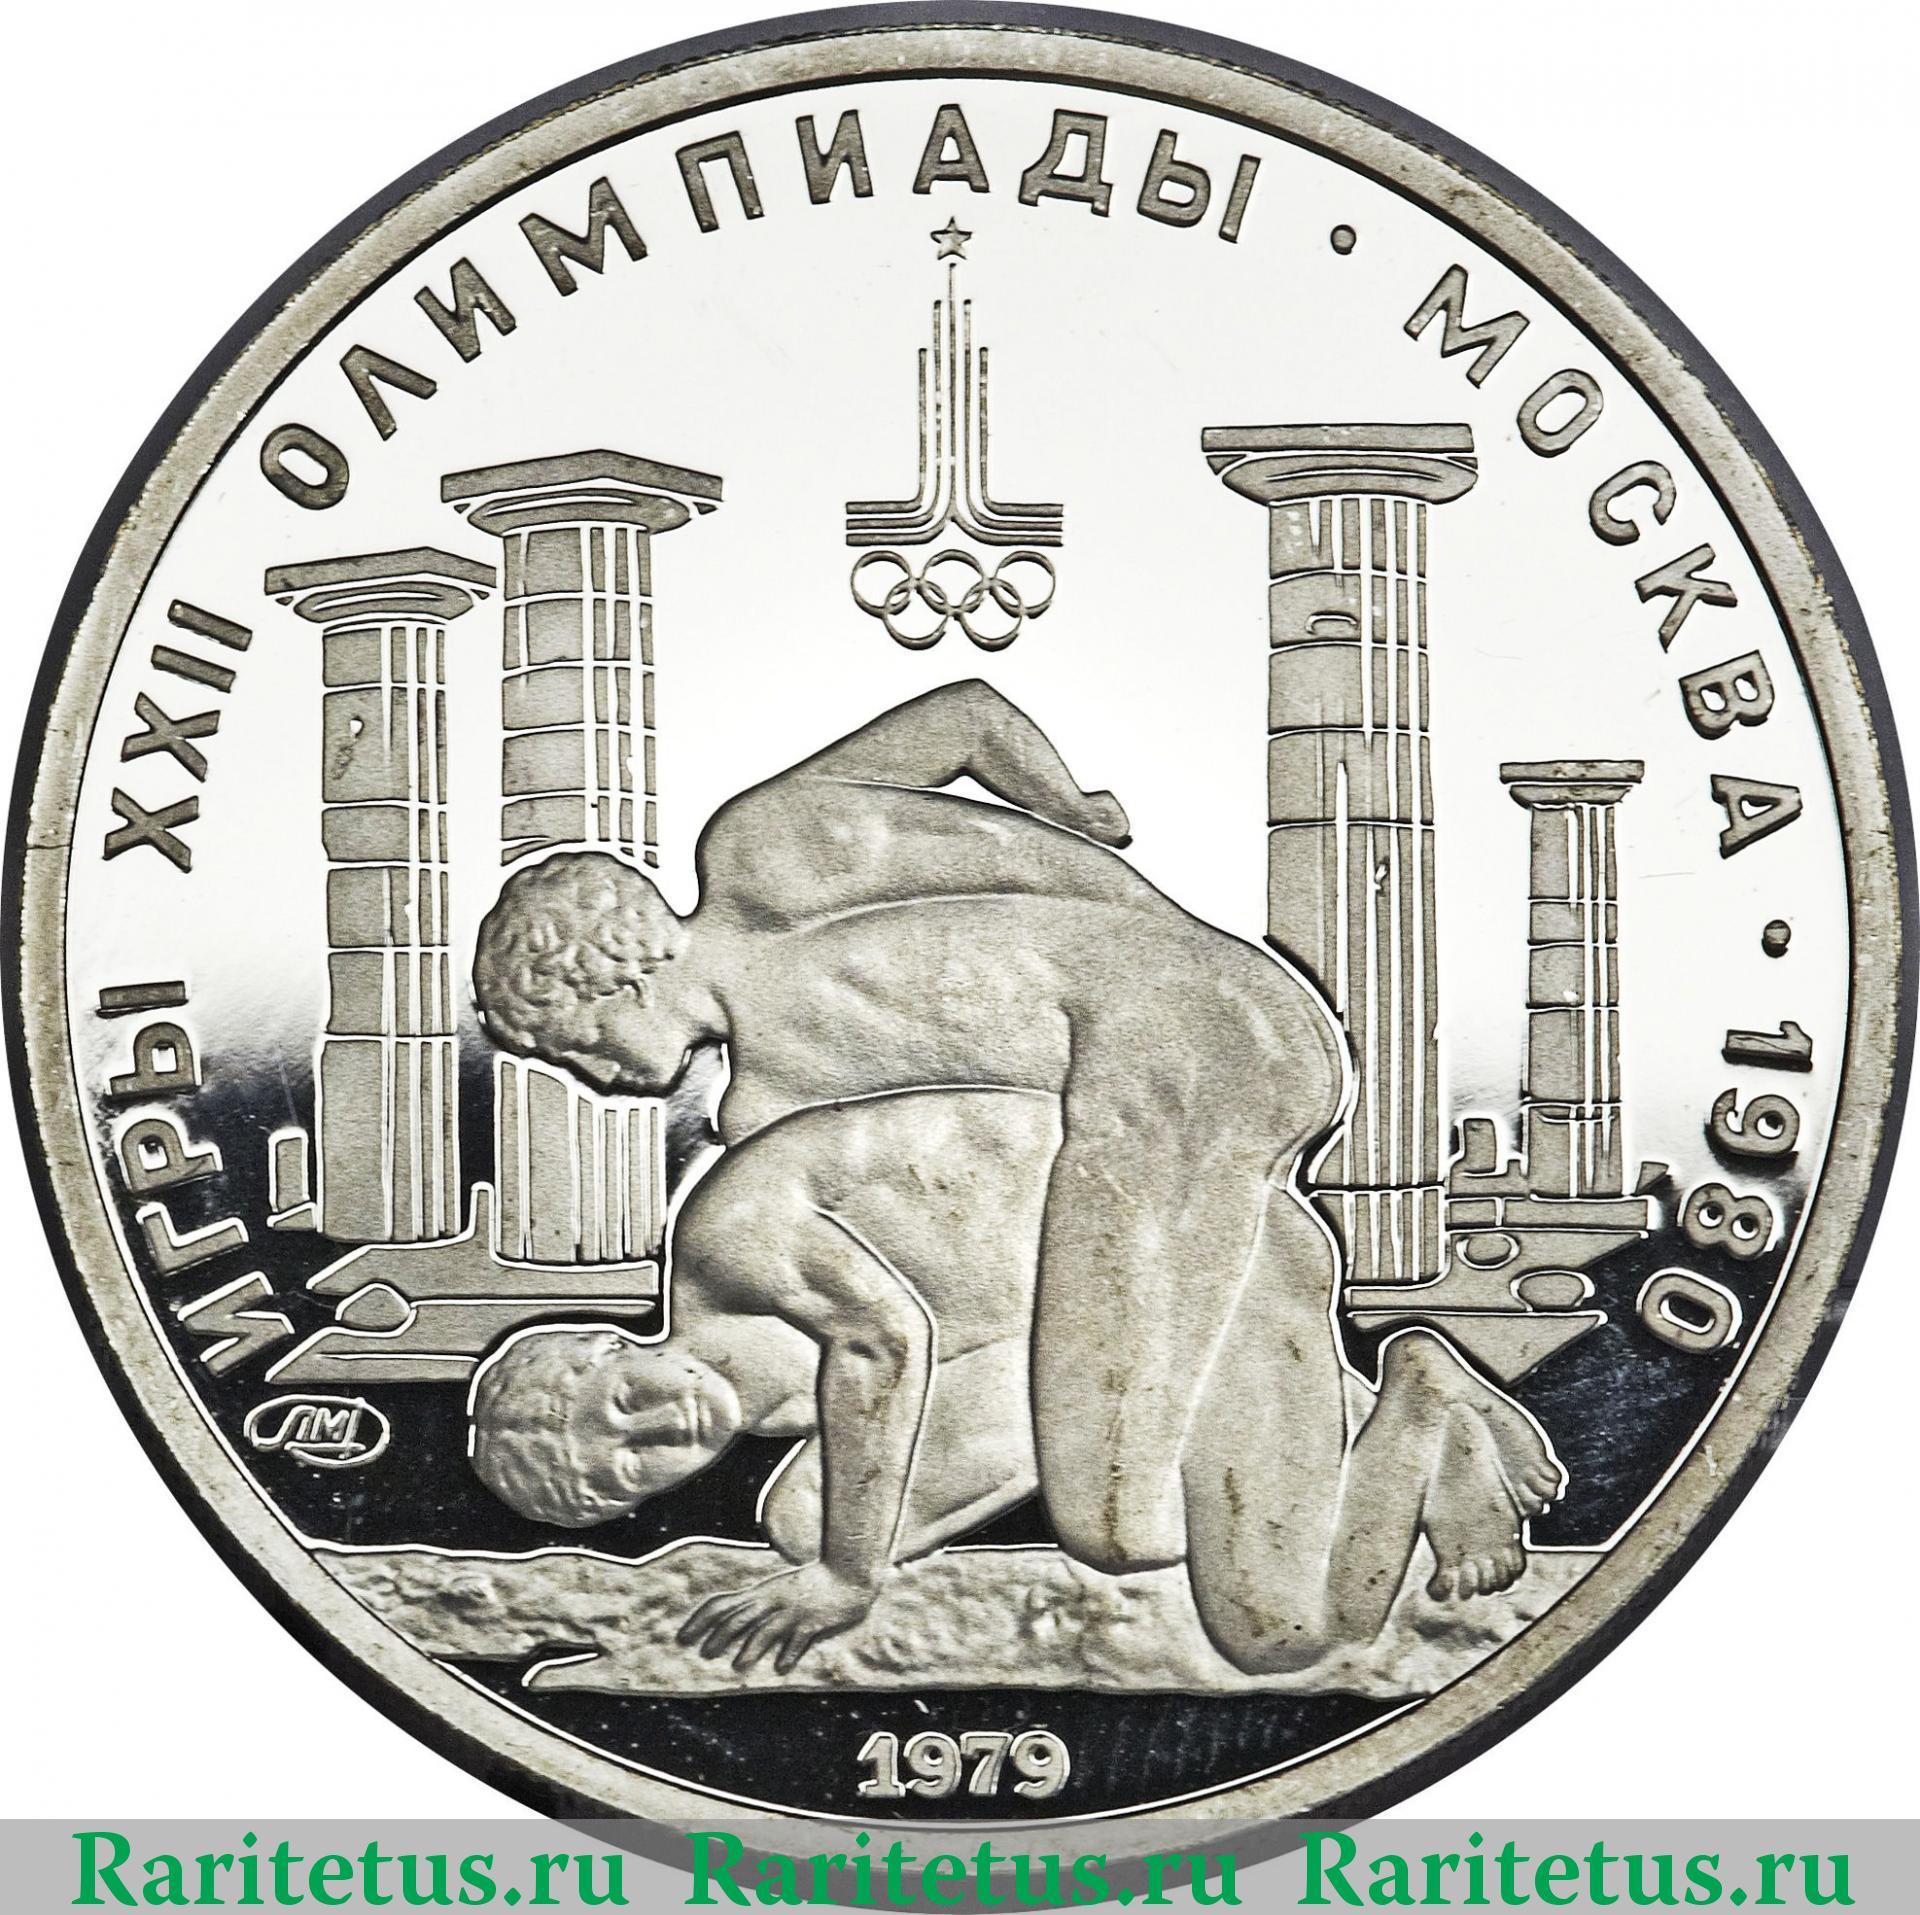 Олимпийские монеты с борцами монеты футбол 2018 купить в банке